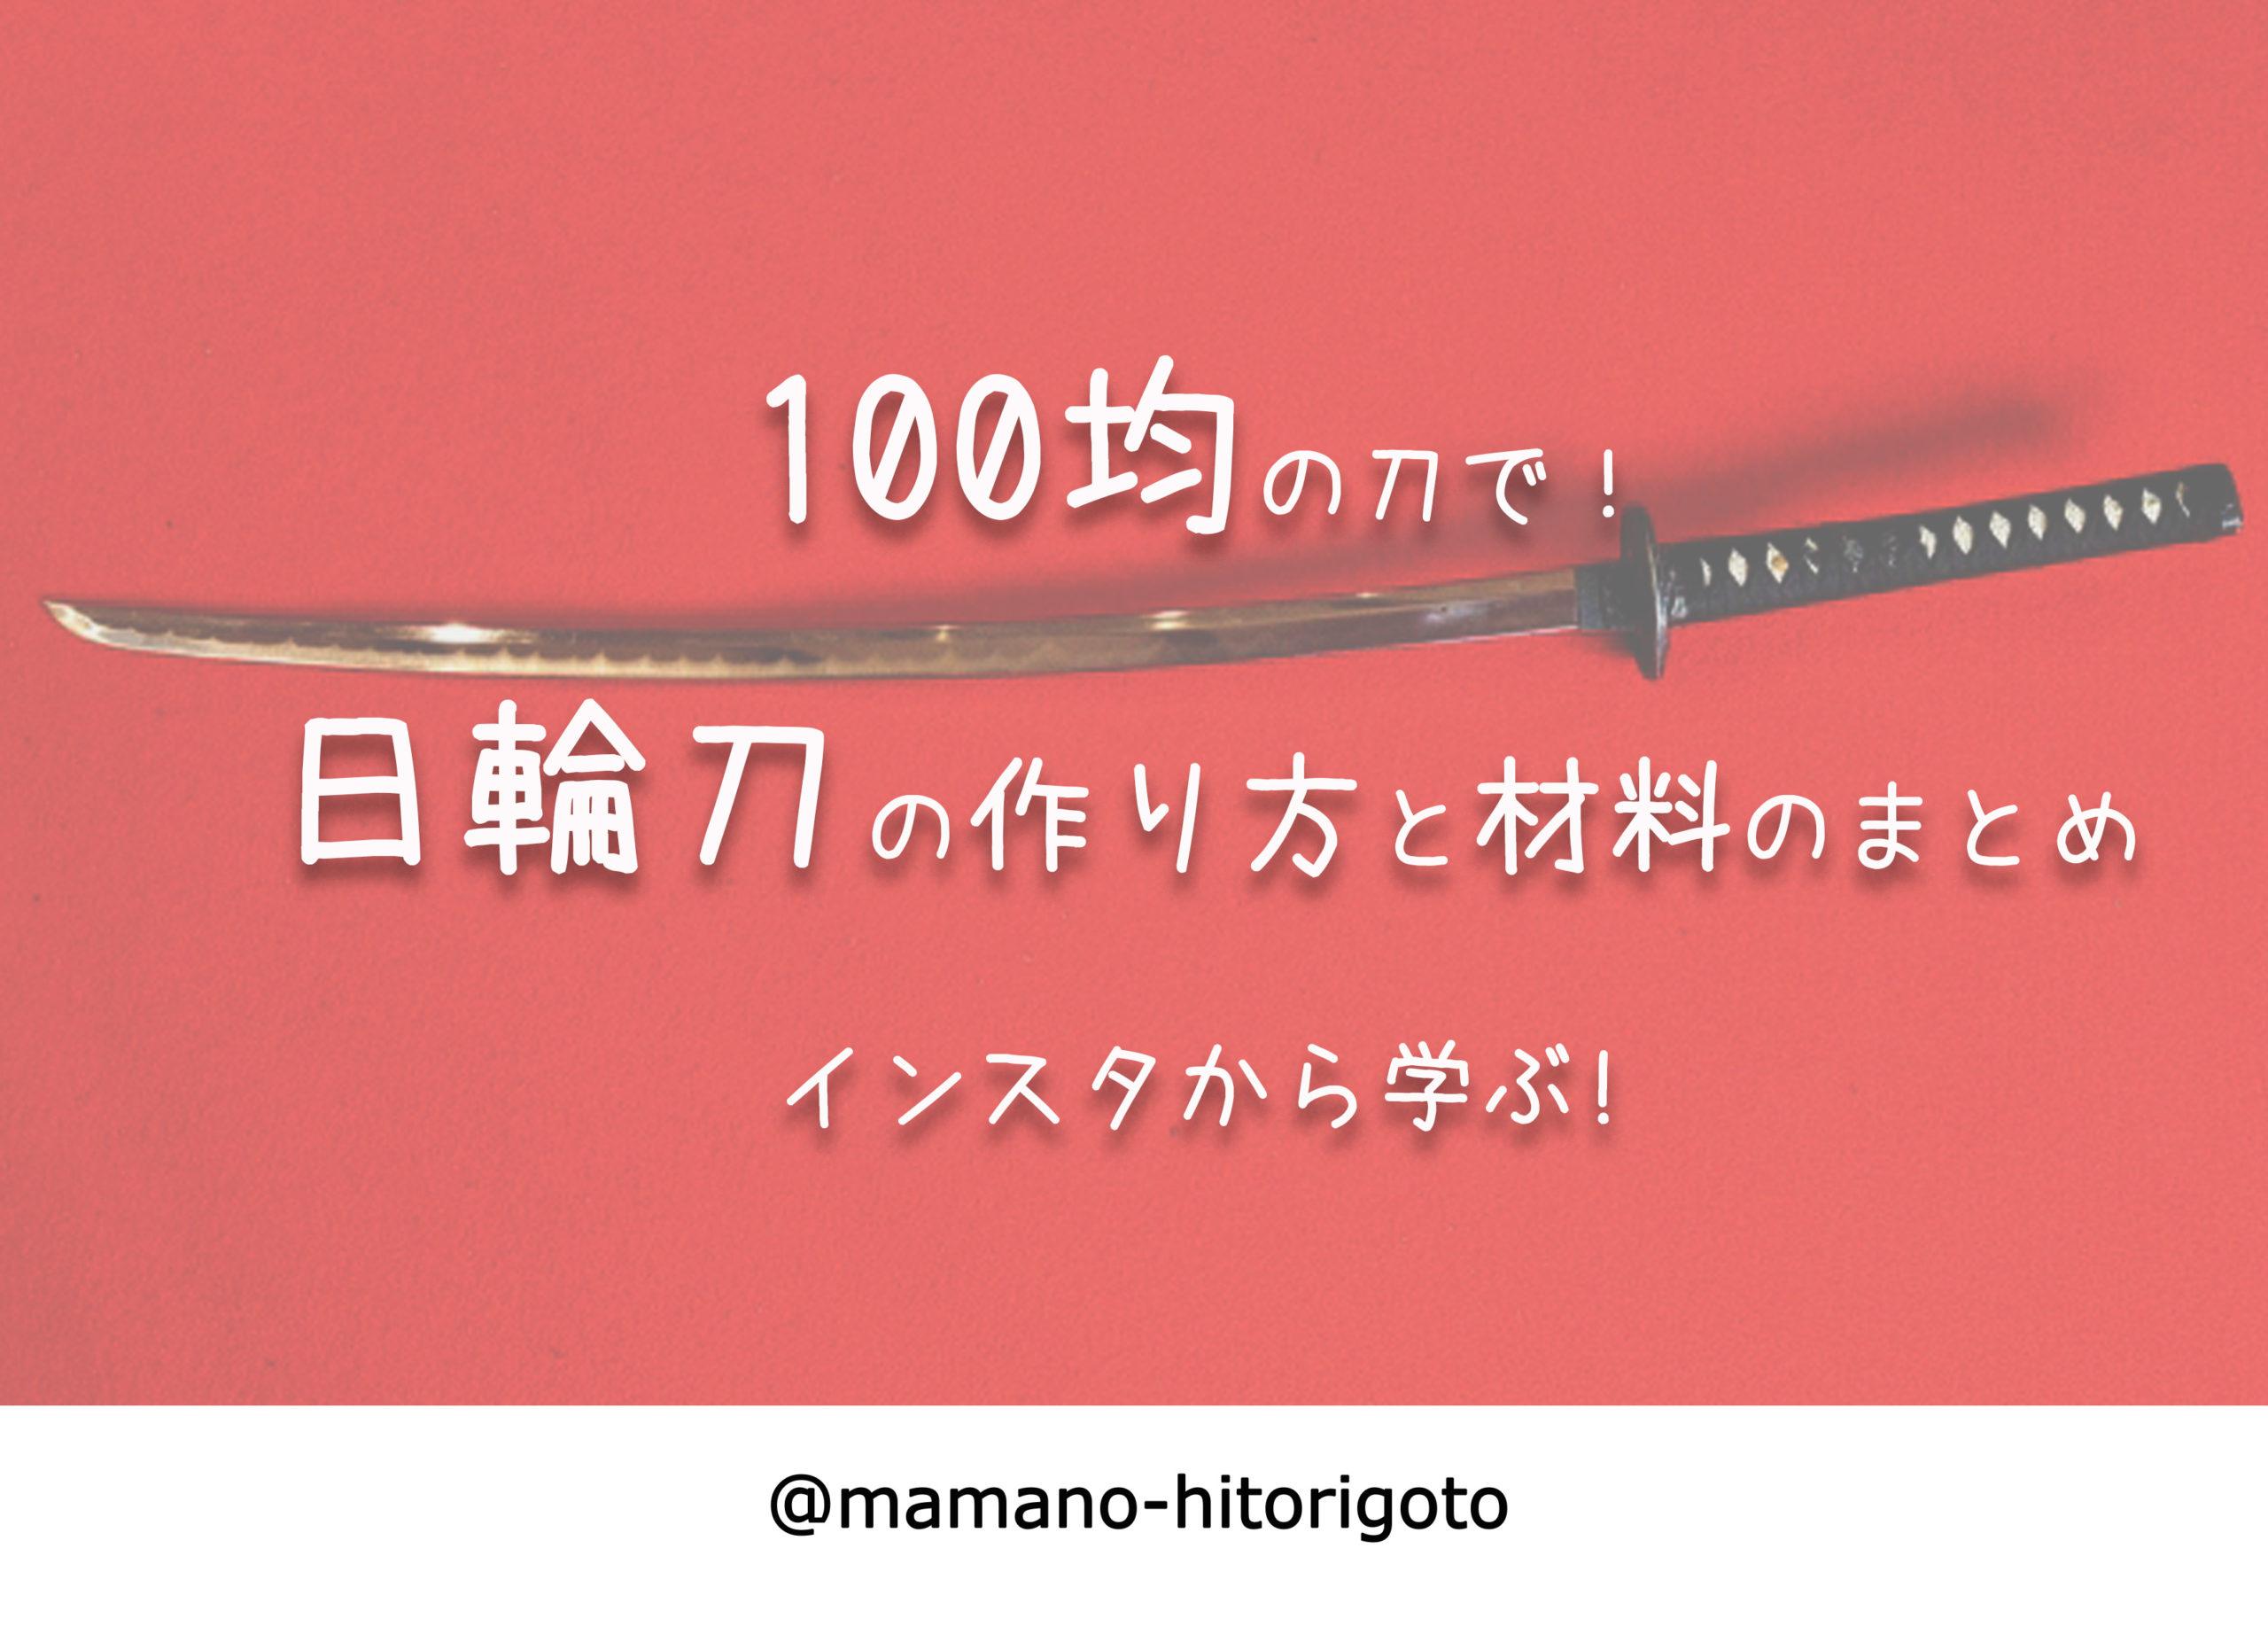 100均の刀で!日輪刀の作り方と材料のまとめ・インスタから学ぶ